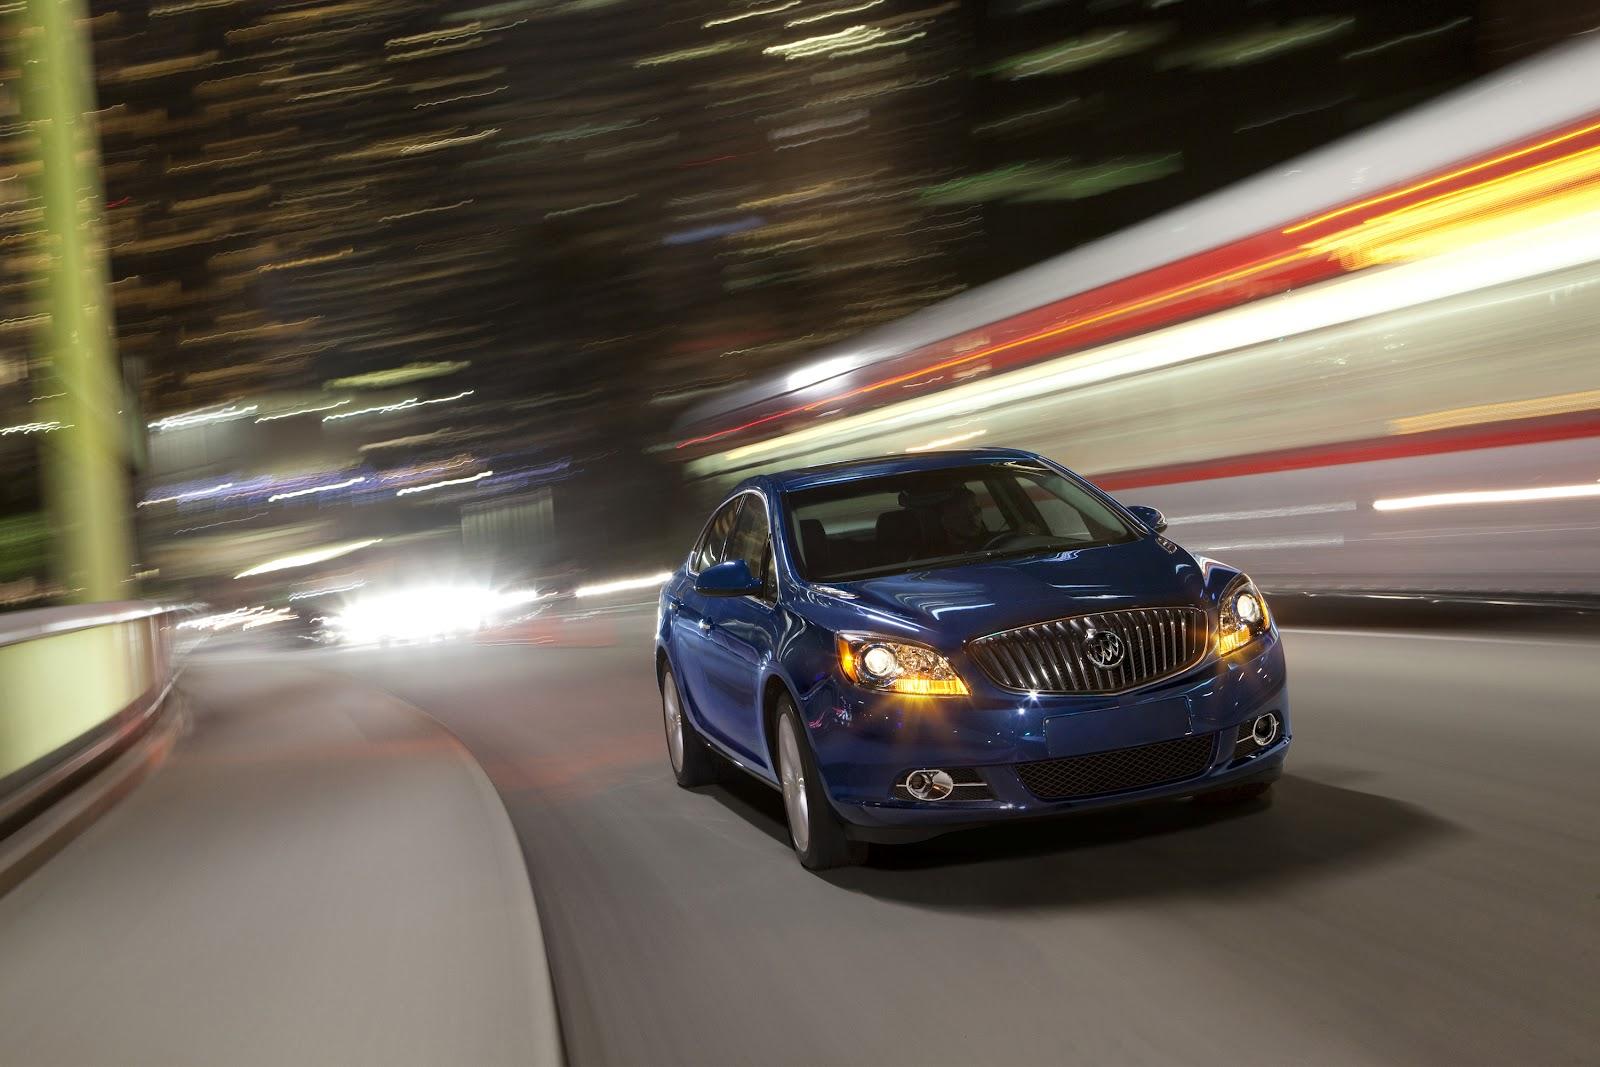 2010 - [Buick] Verano / Excelle - Page 3 2013+Buick+Verano+Turbo